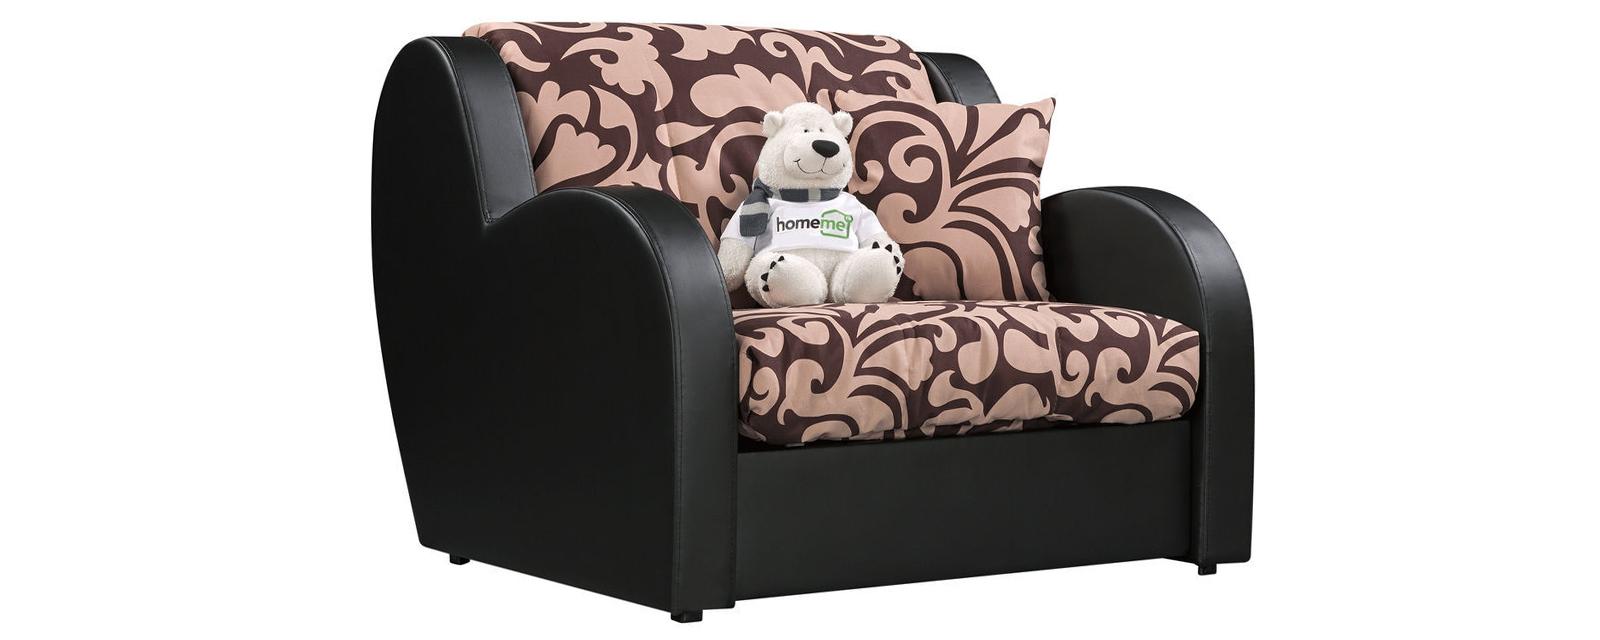 Кресло тканевое Барон Fandy коричневый (Микровелюр + Экокожа)